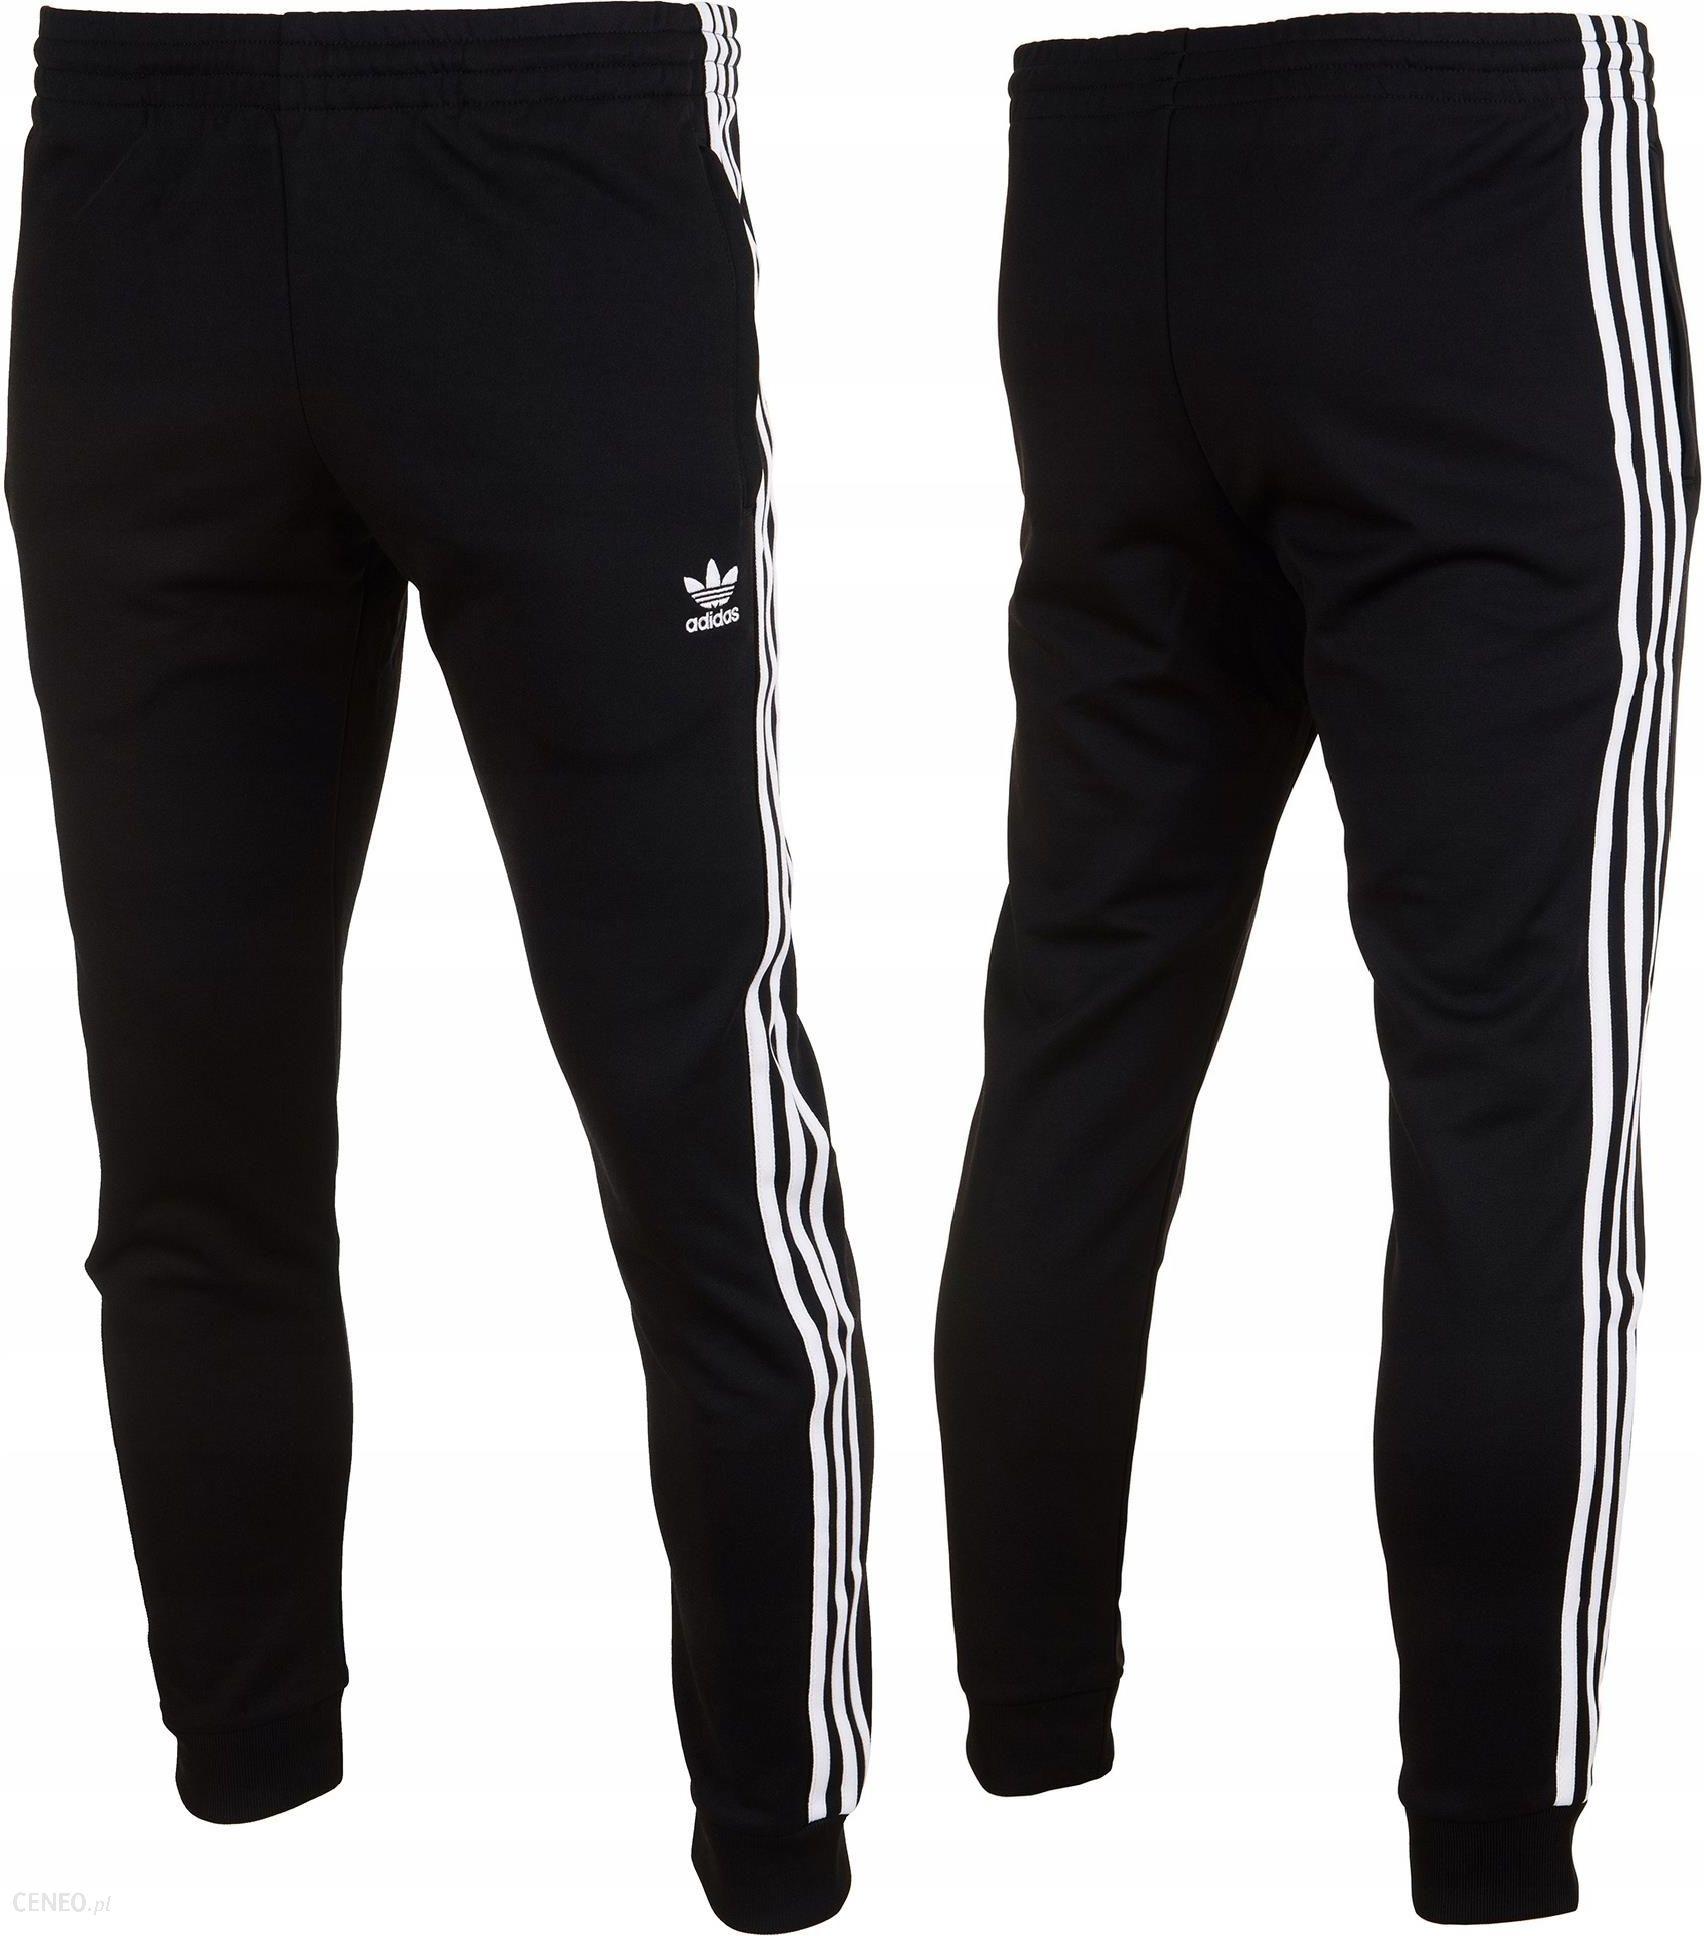 f1141f52 Adidas Originals Spodnie Dresowe Dresy Męskie r. L - Ceny i opinie -  Ceneo.pl